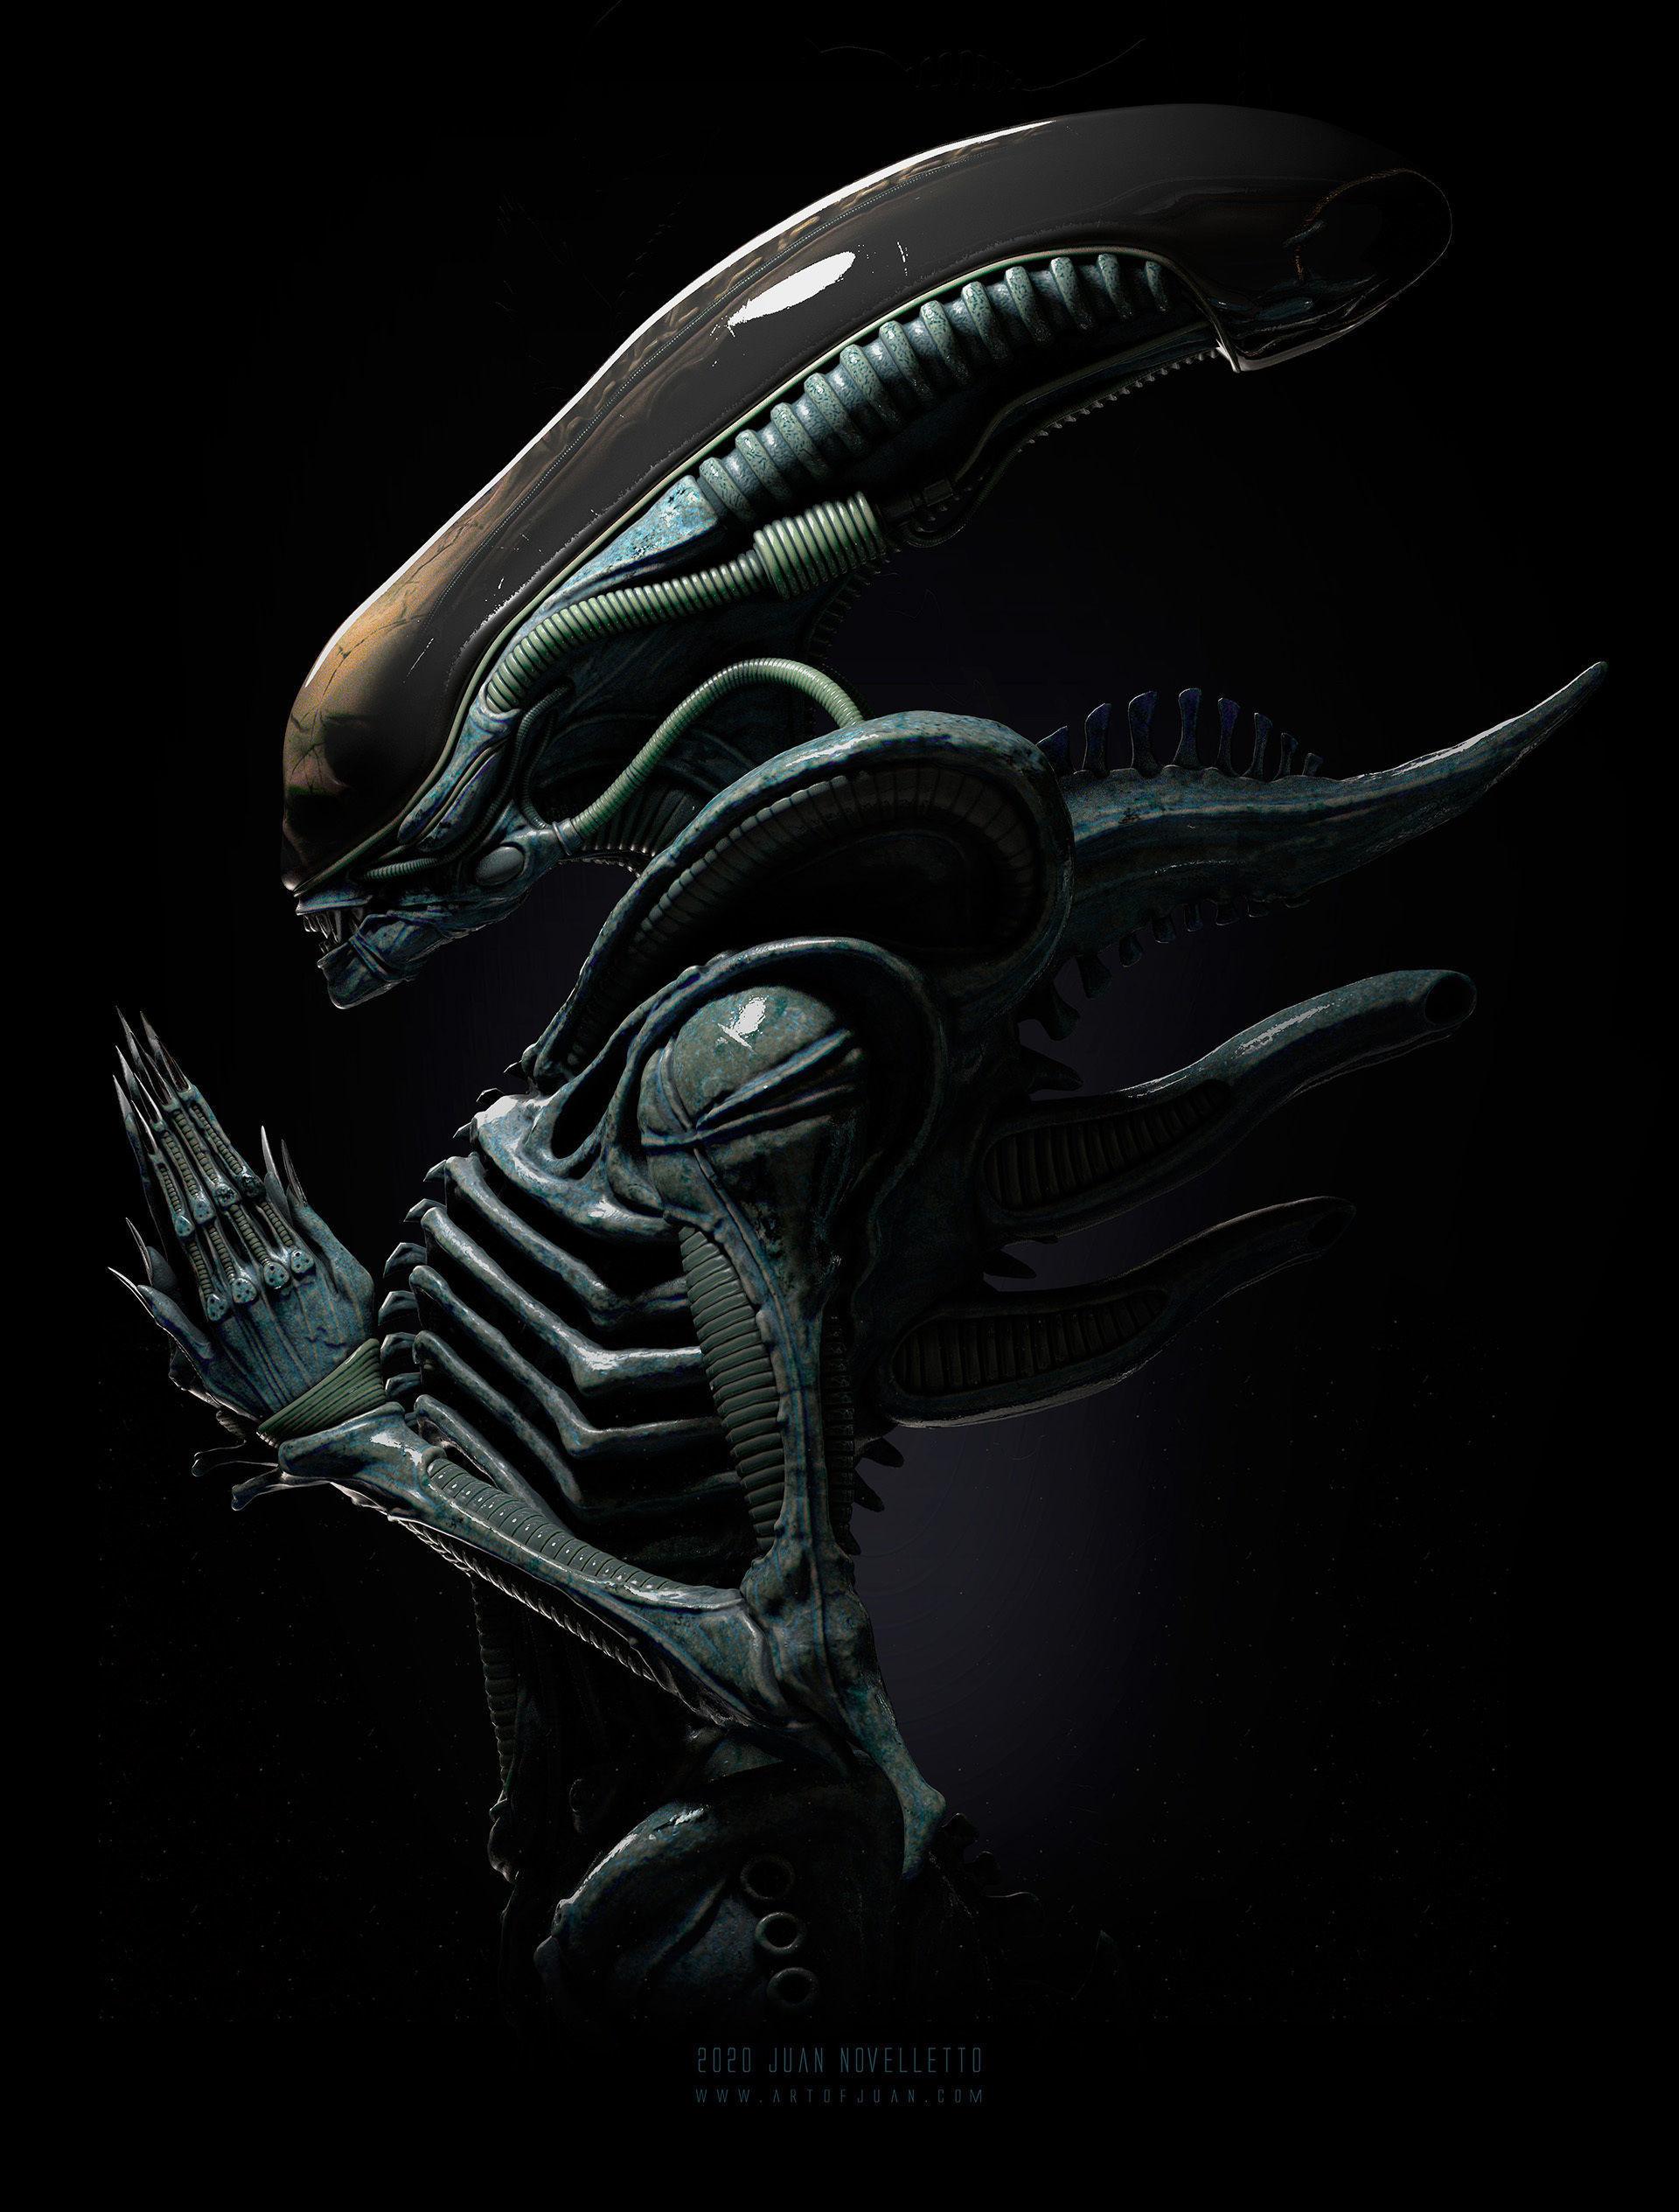 Alien Xenomorph 3D model ready for printing